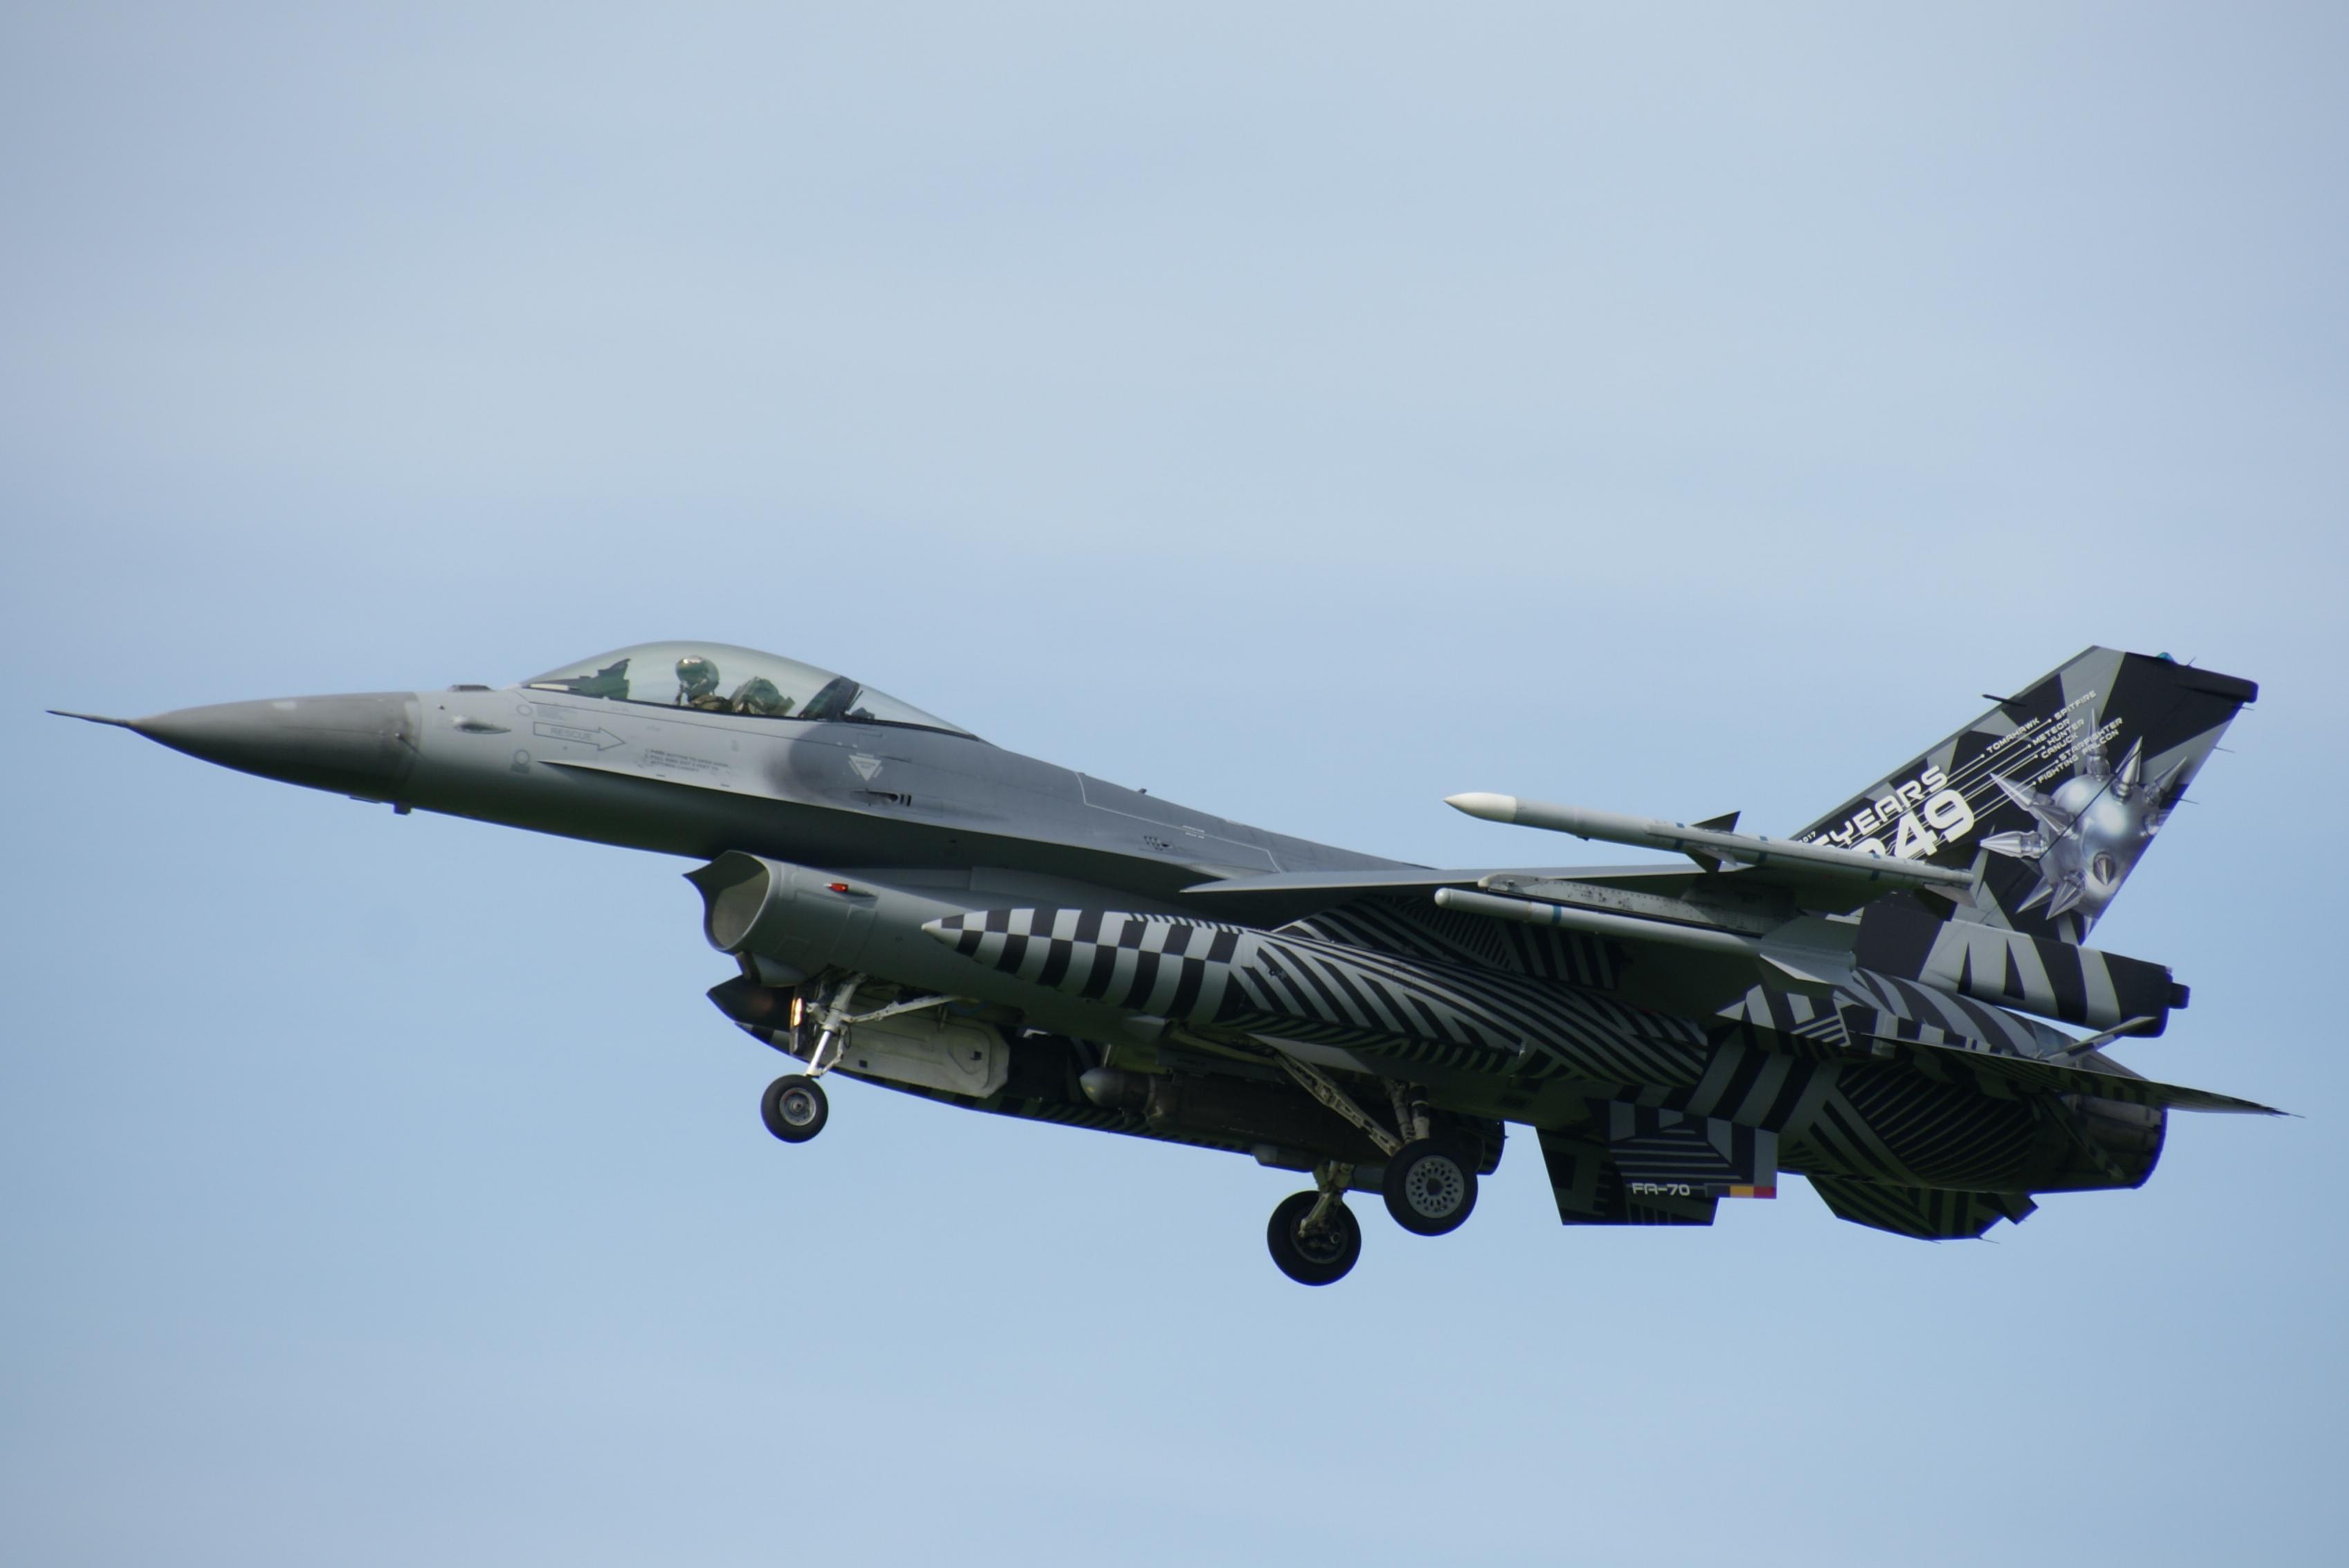 Naam: FA-70 SPECIAL (4).jpg Bekeken: 277 Grootte: 239,1 KB